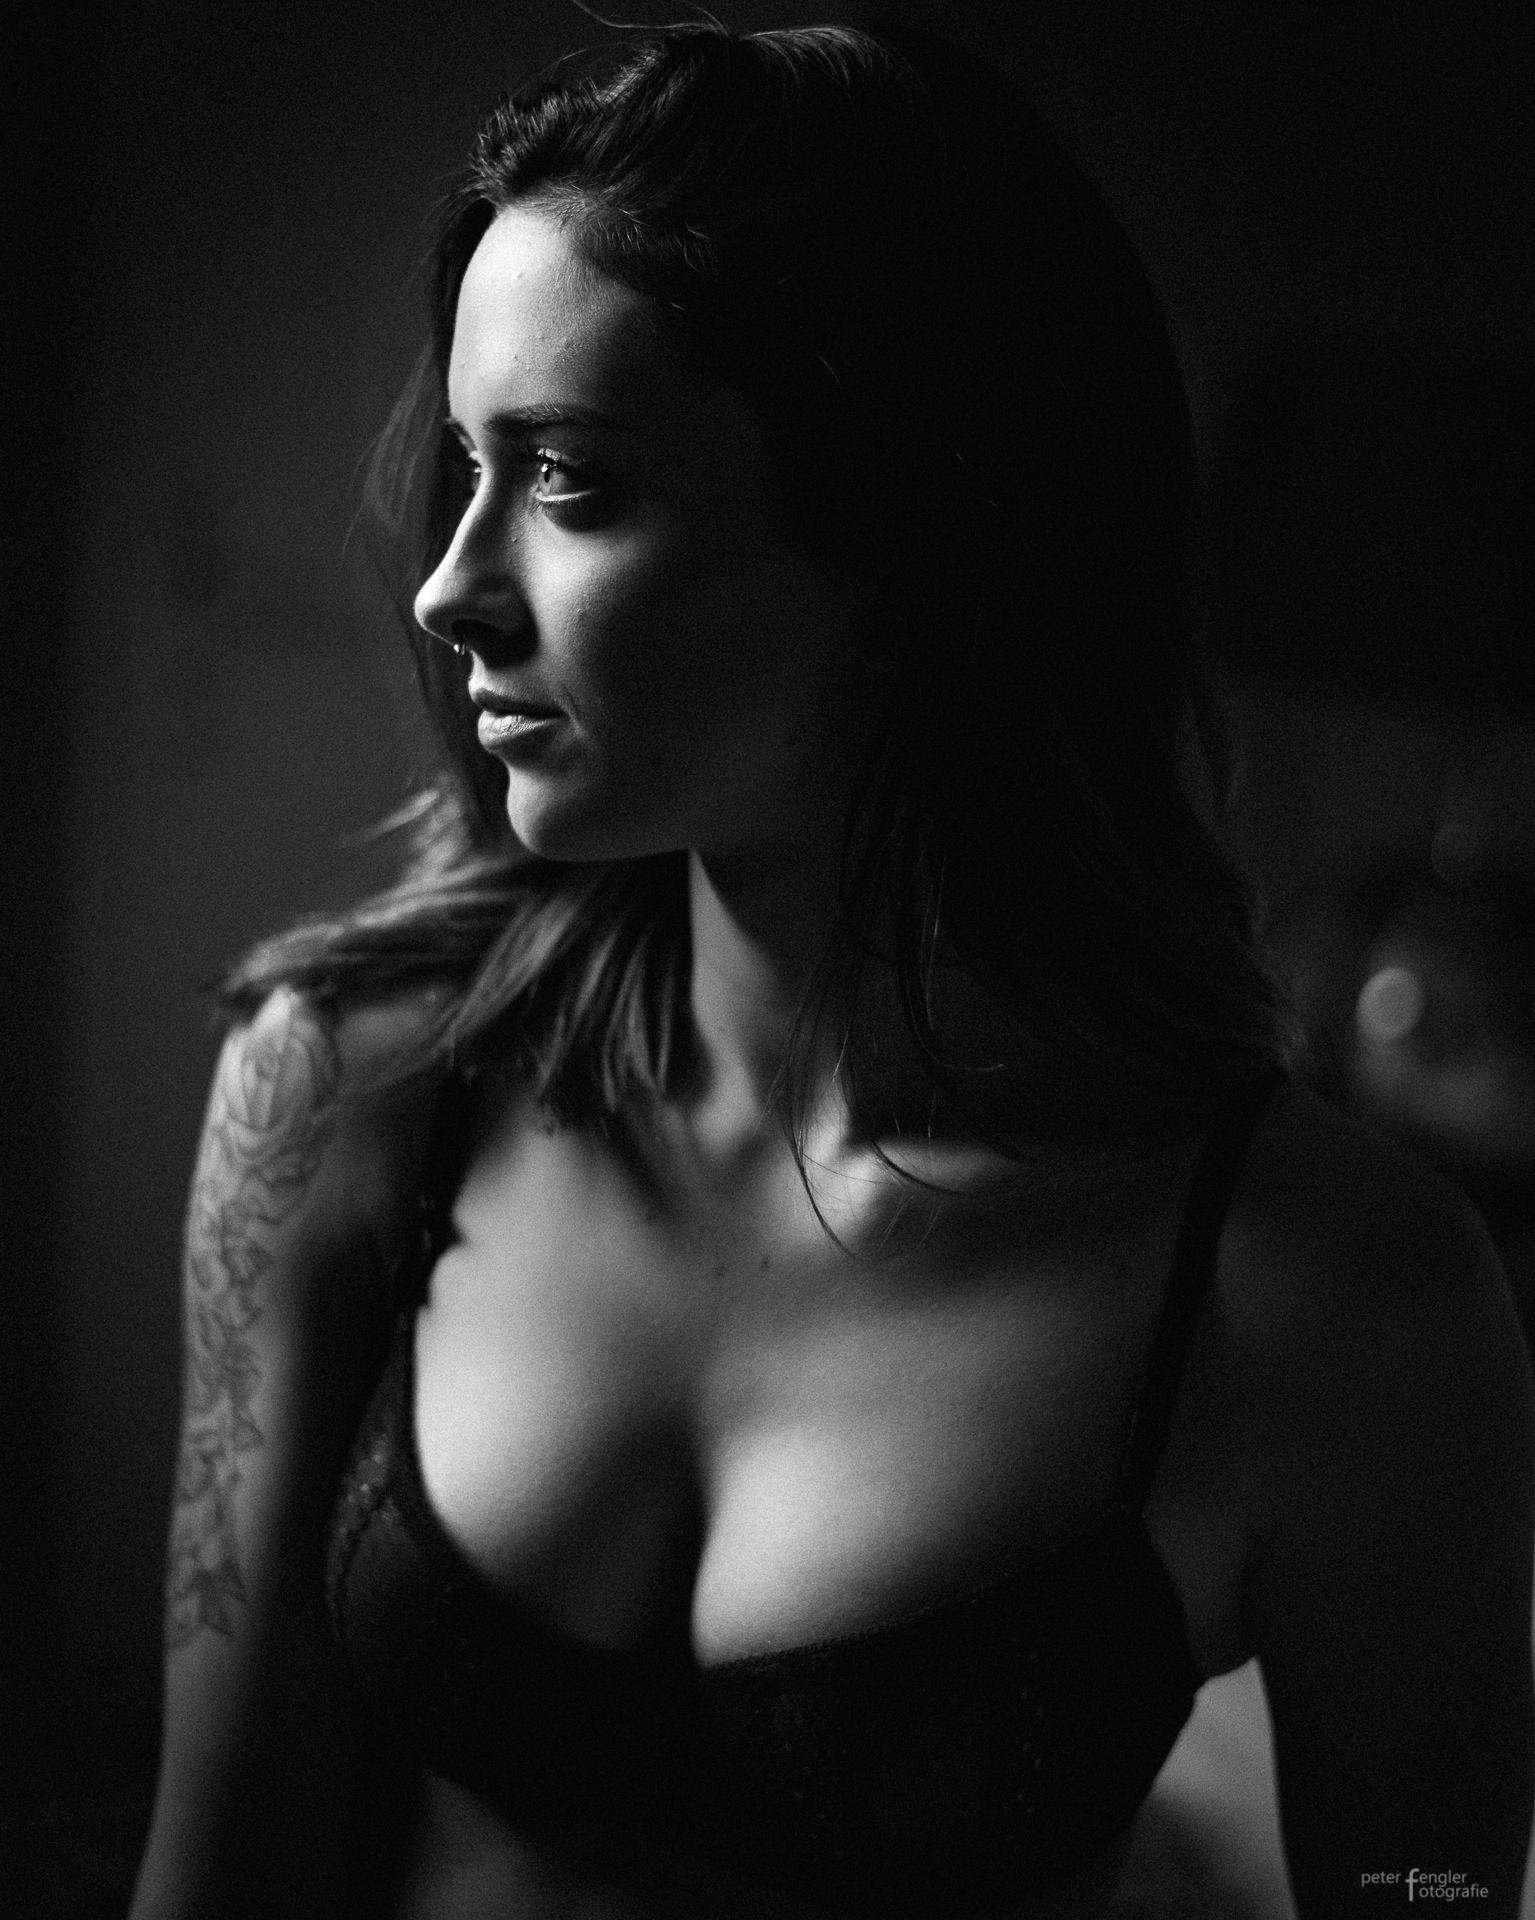 Portrait, Dessous - Peter Fengler Fotografie